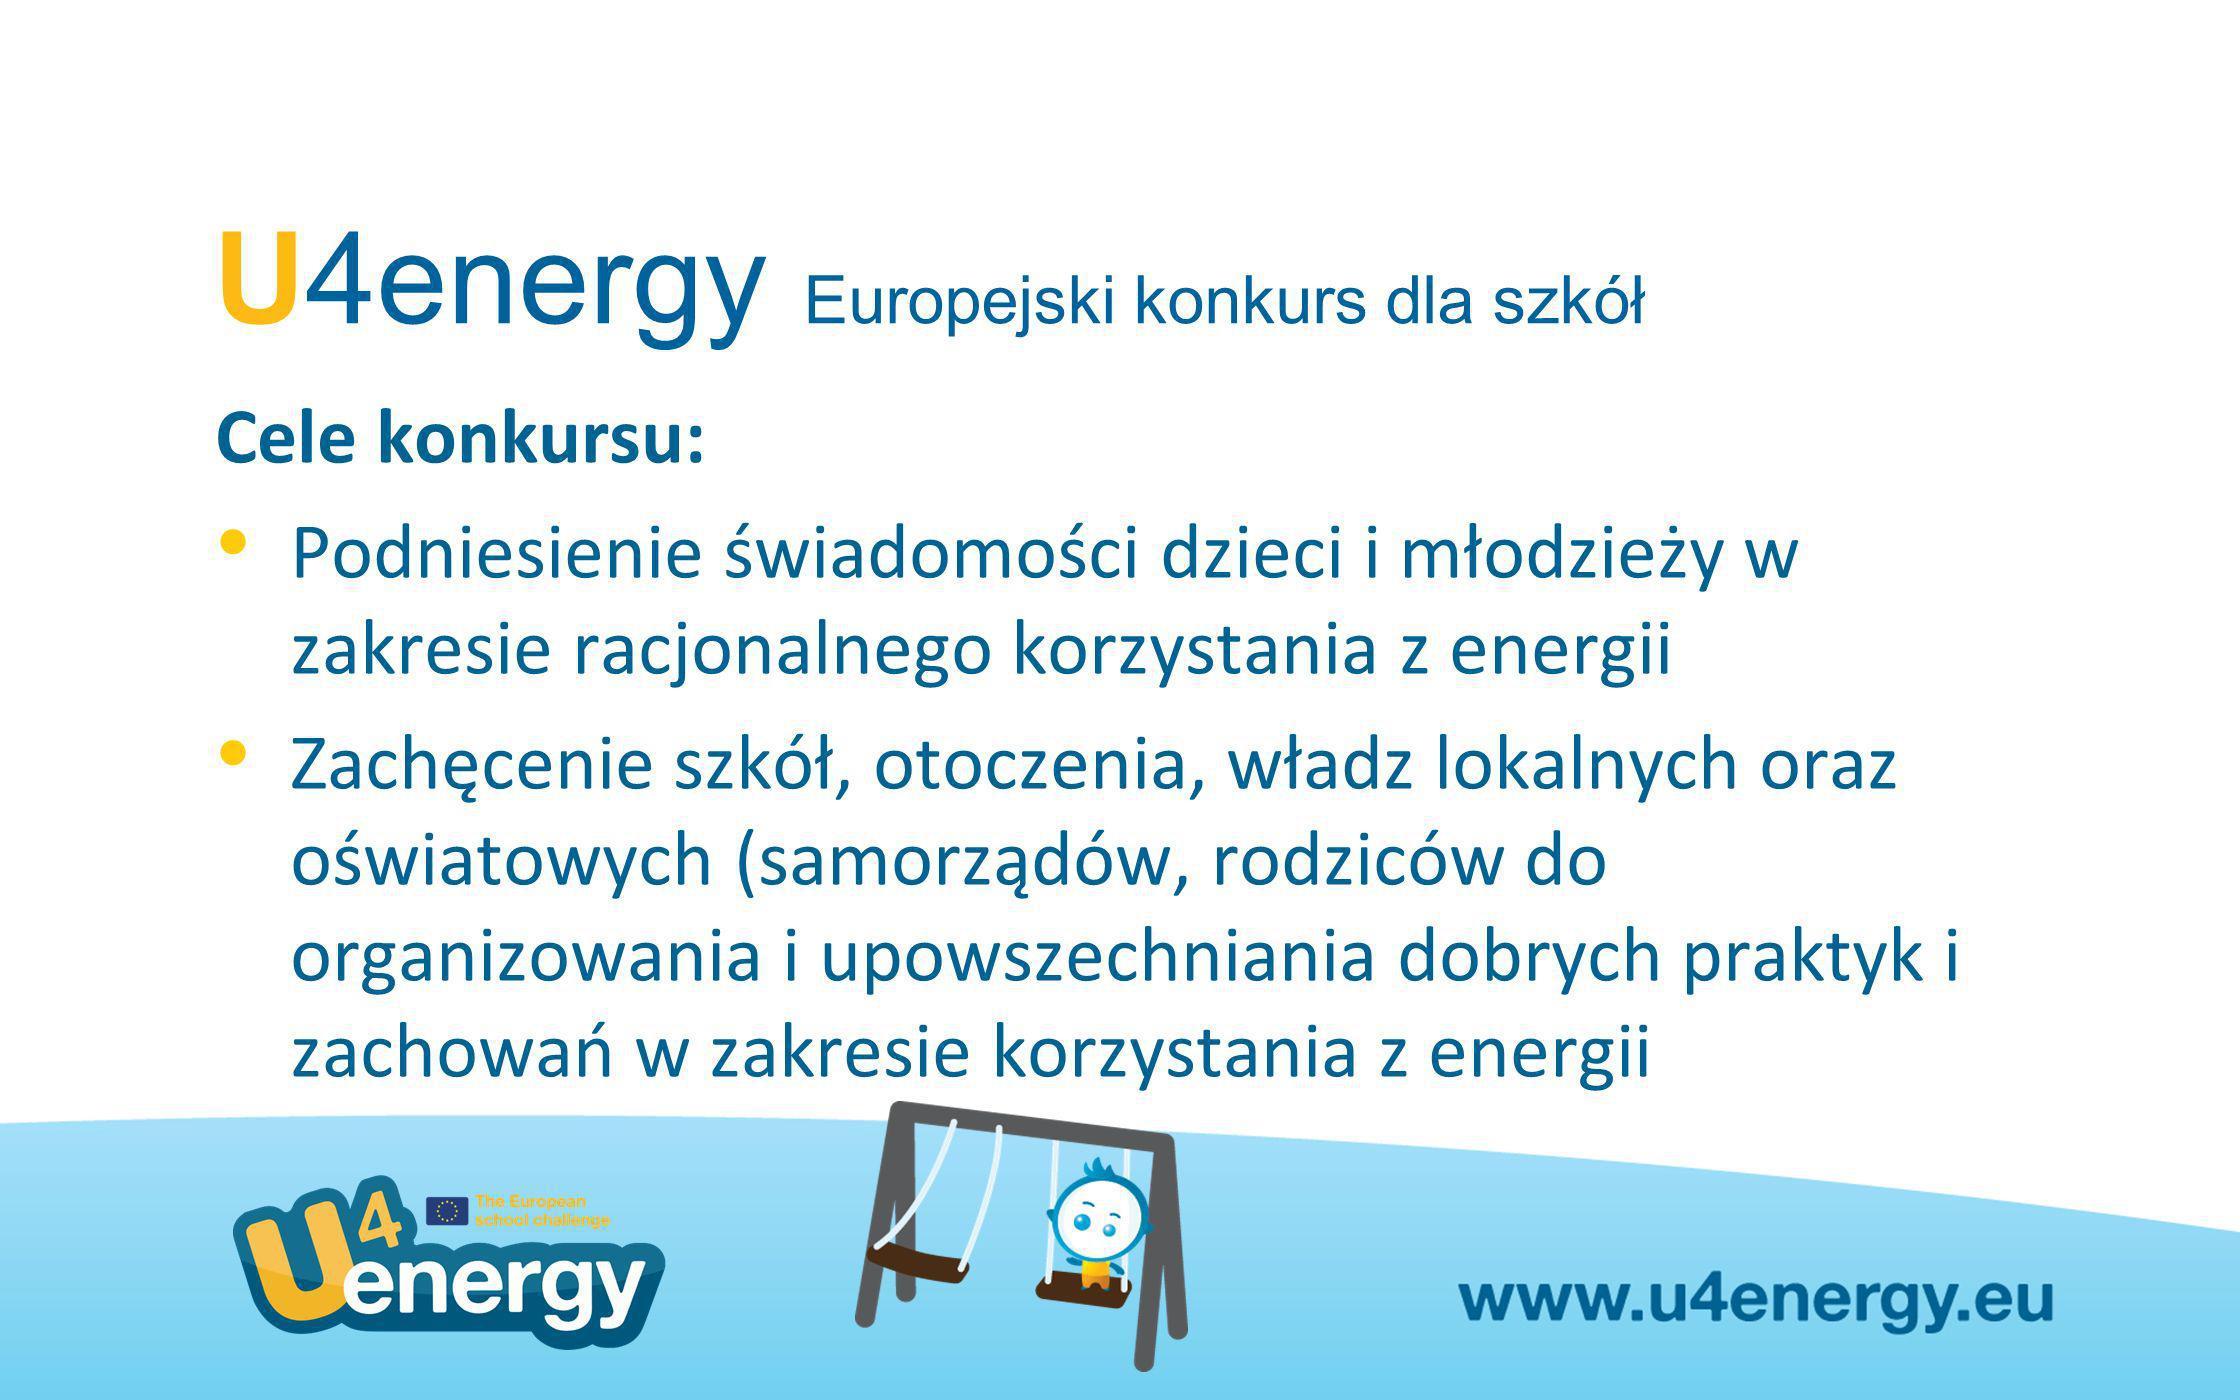 U4energy Europejski konkurs dla szkół Zarejestruj się i uzyskaj dostęp do materiałów w Elektronicznej Galerii U4Energy: Plakat U4energy Naklejki U4energy Stickers Inne materiały, które ułatwią Ci udział w konkursie i promocję konkursu w Twojej szkole